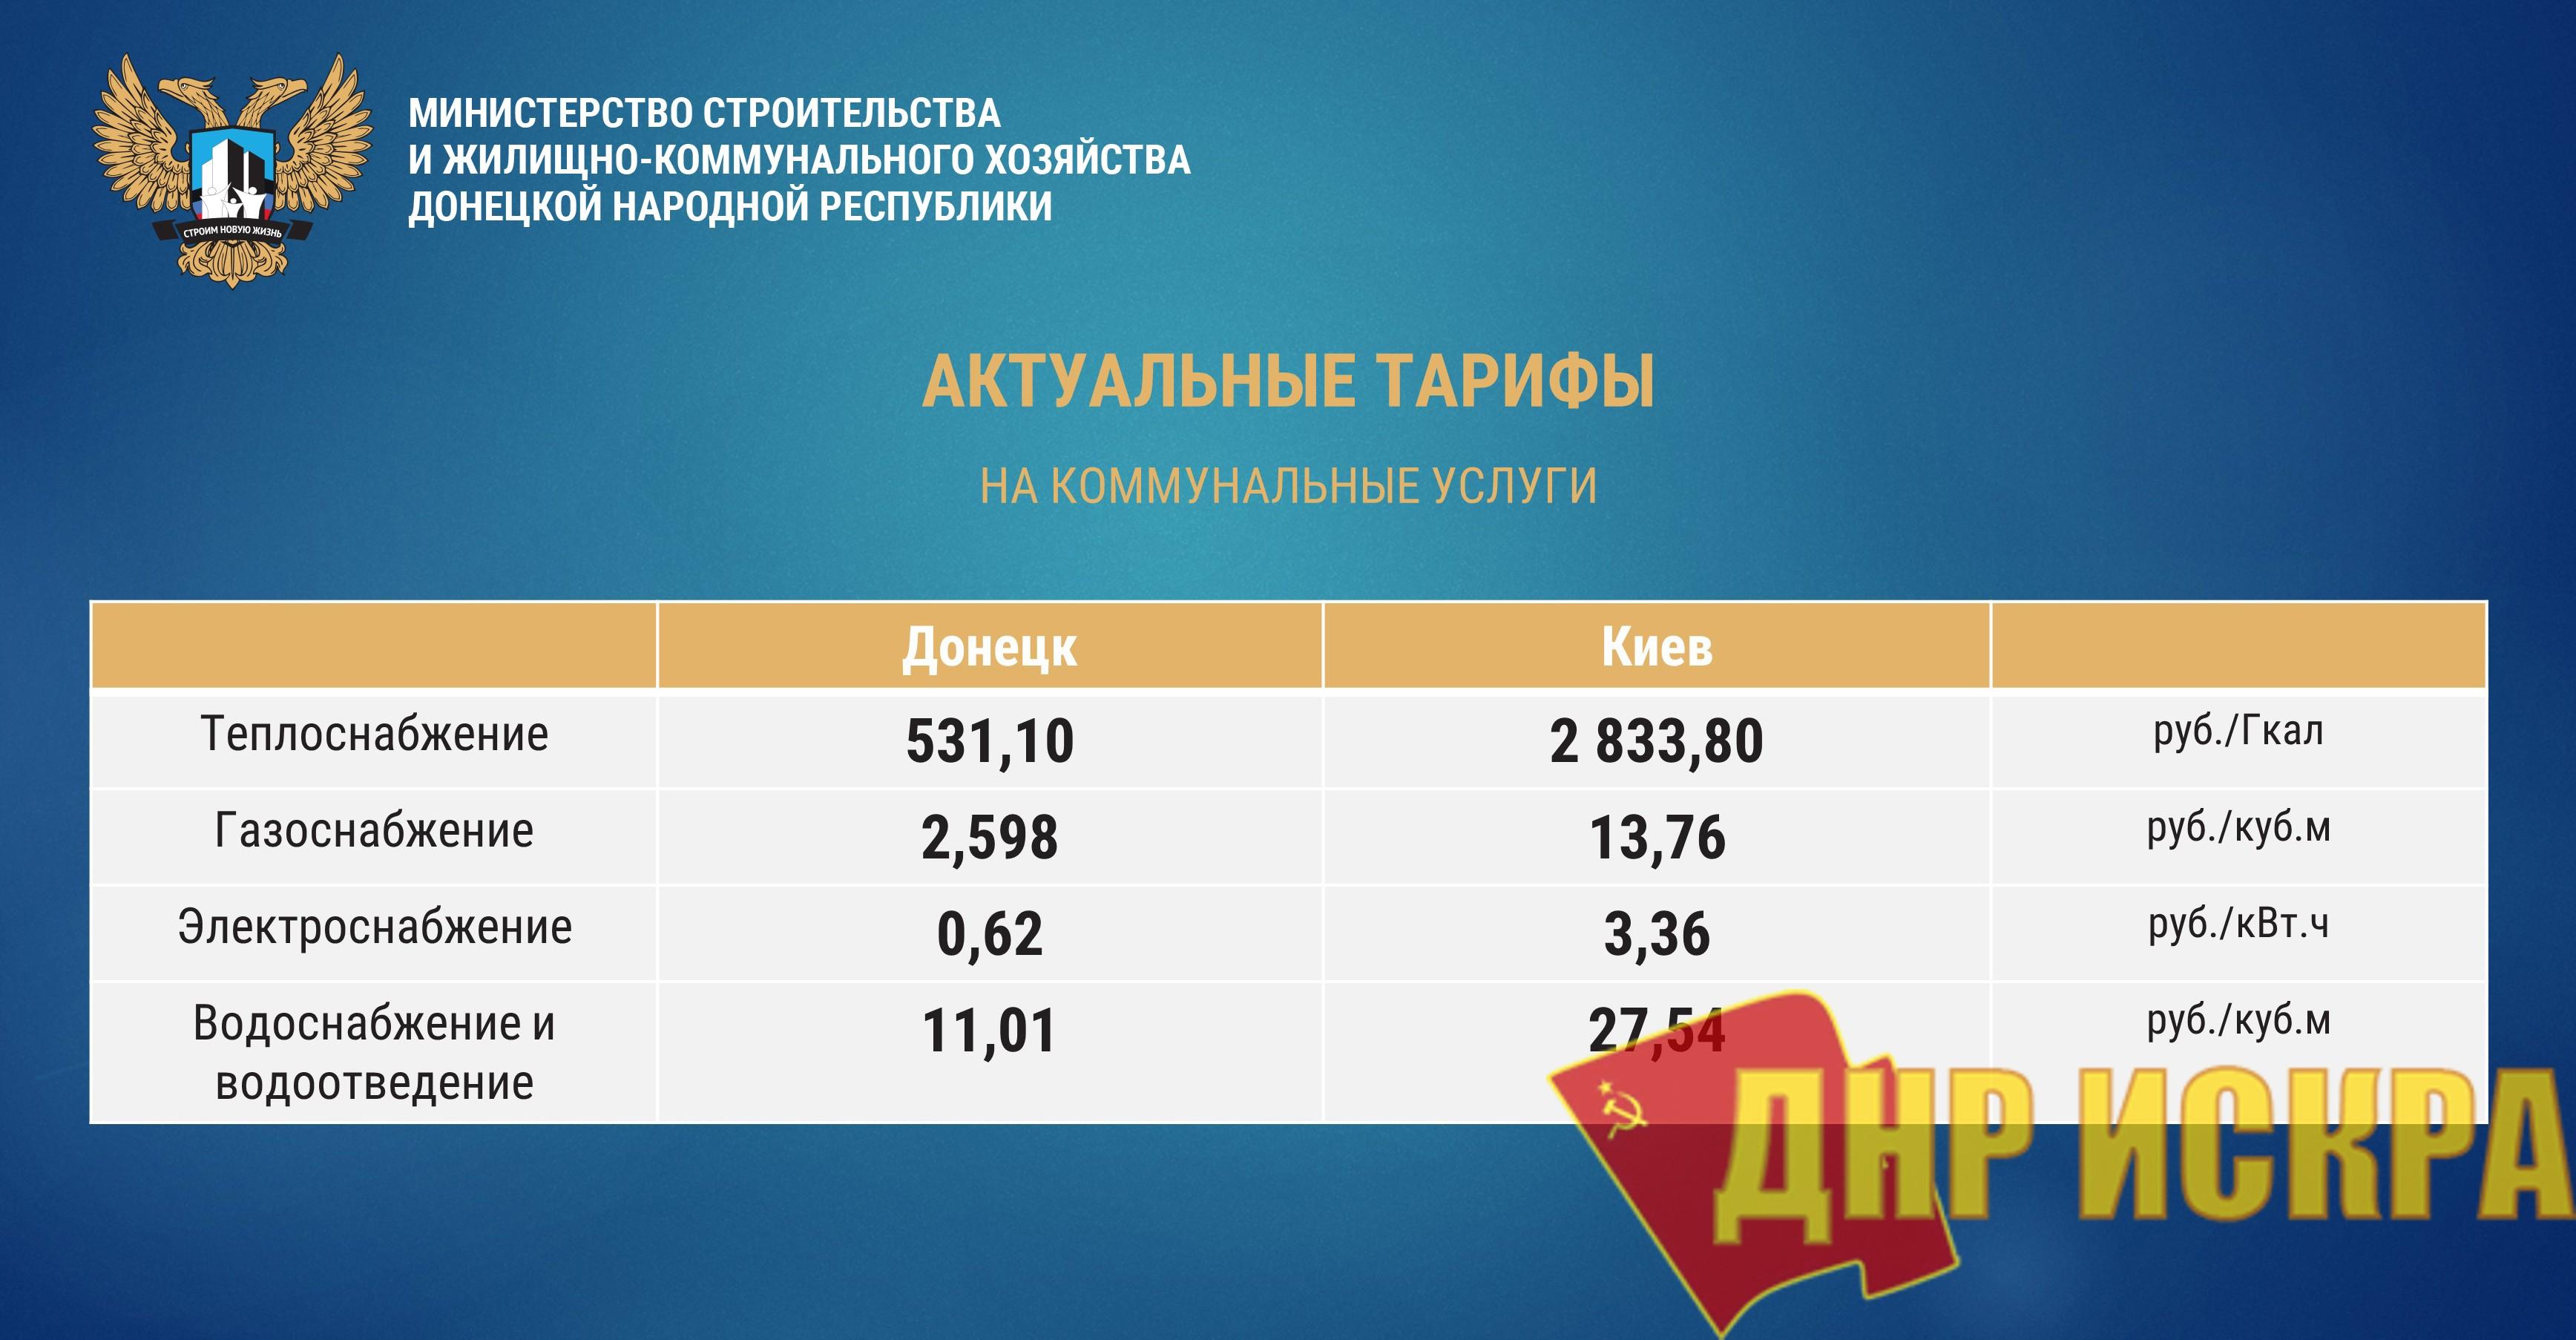 Совмин ДНР принял решение не повышать тарифы на услуги ЖКХ